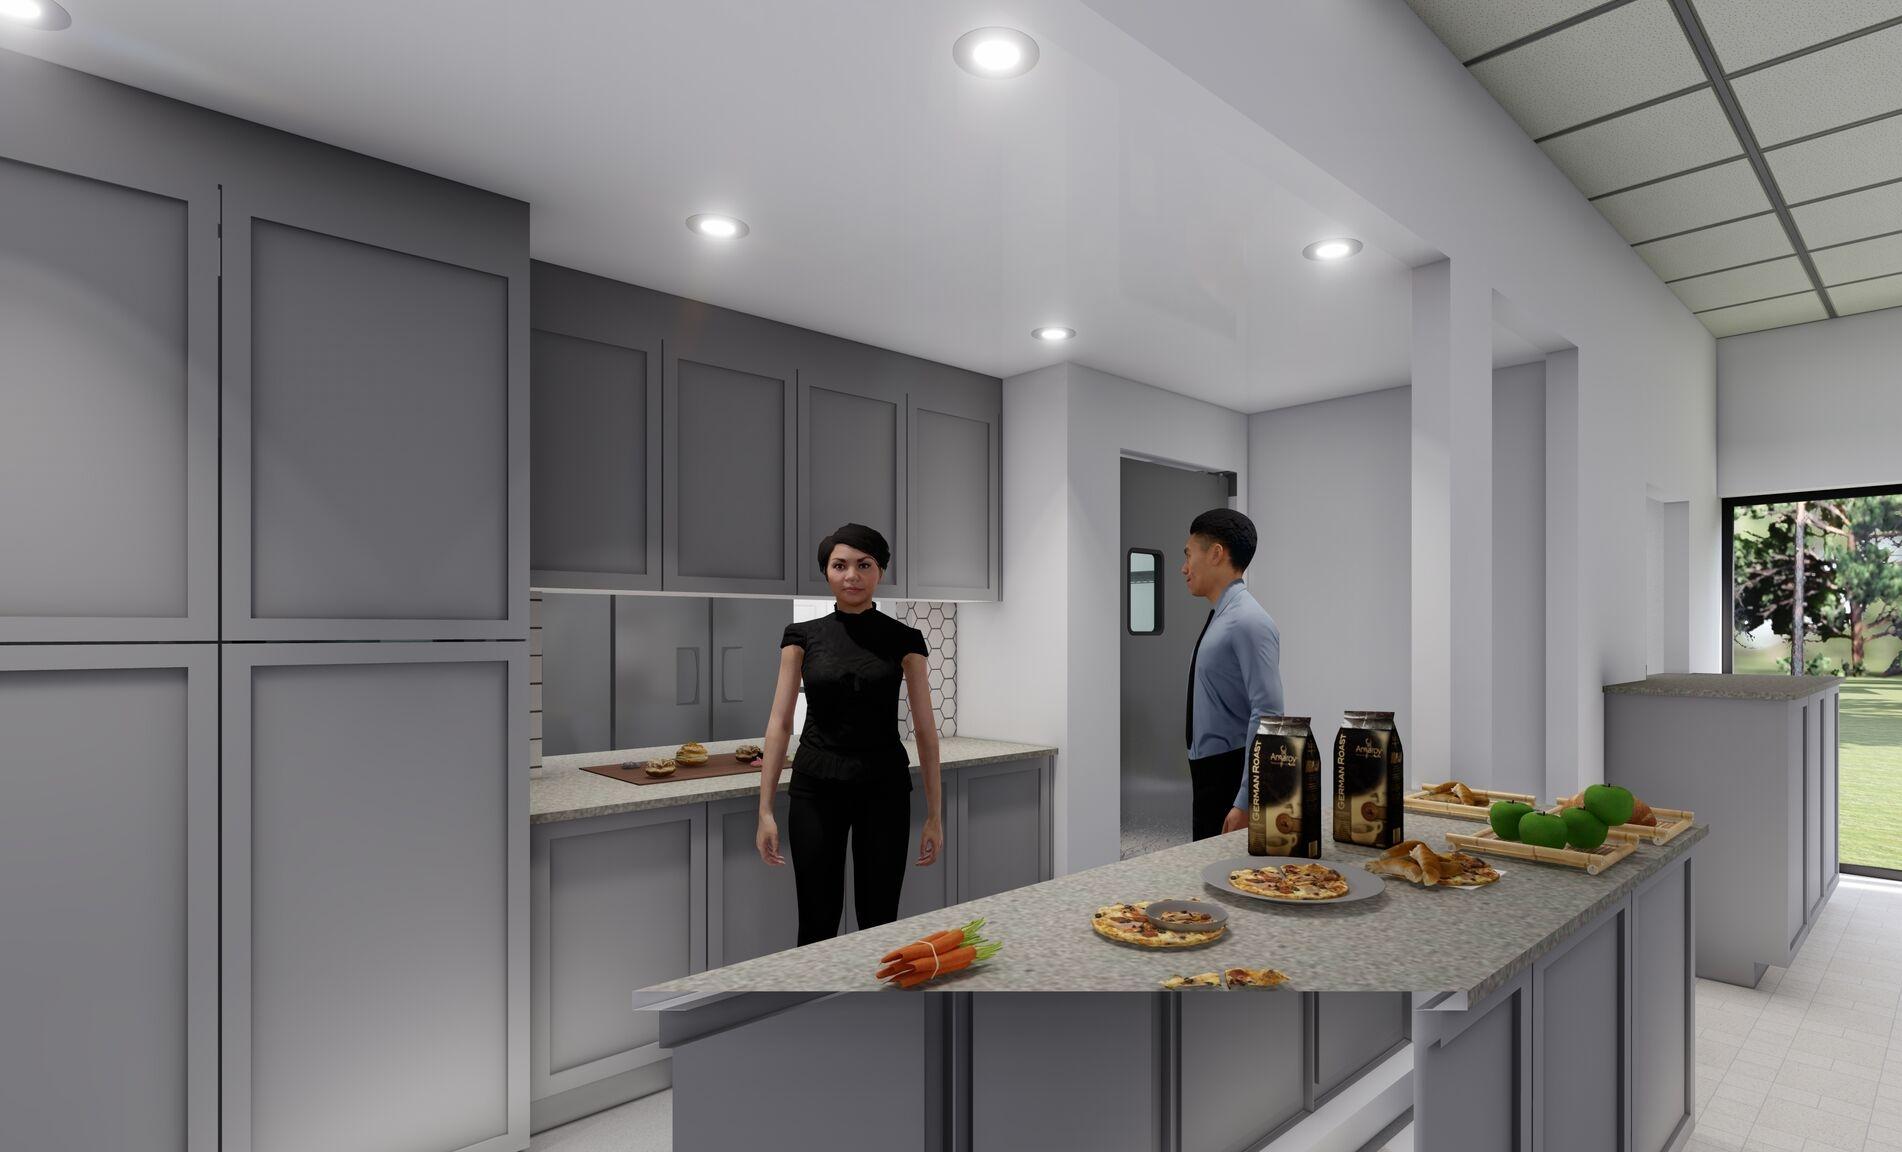 kitchen-final_27 - Photo_preview.jpeg